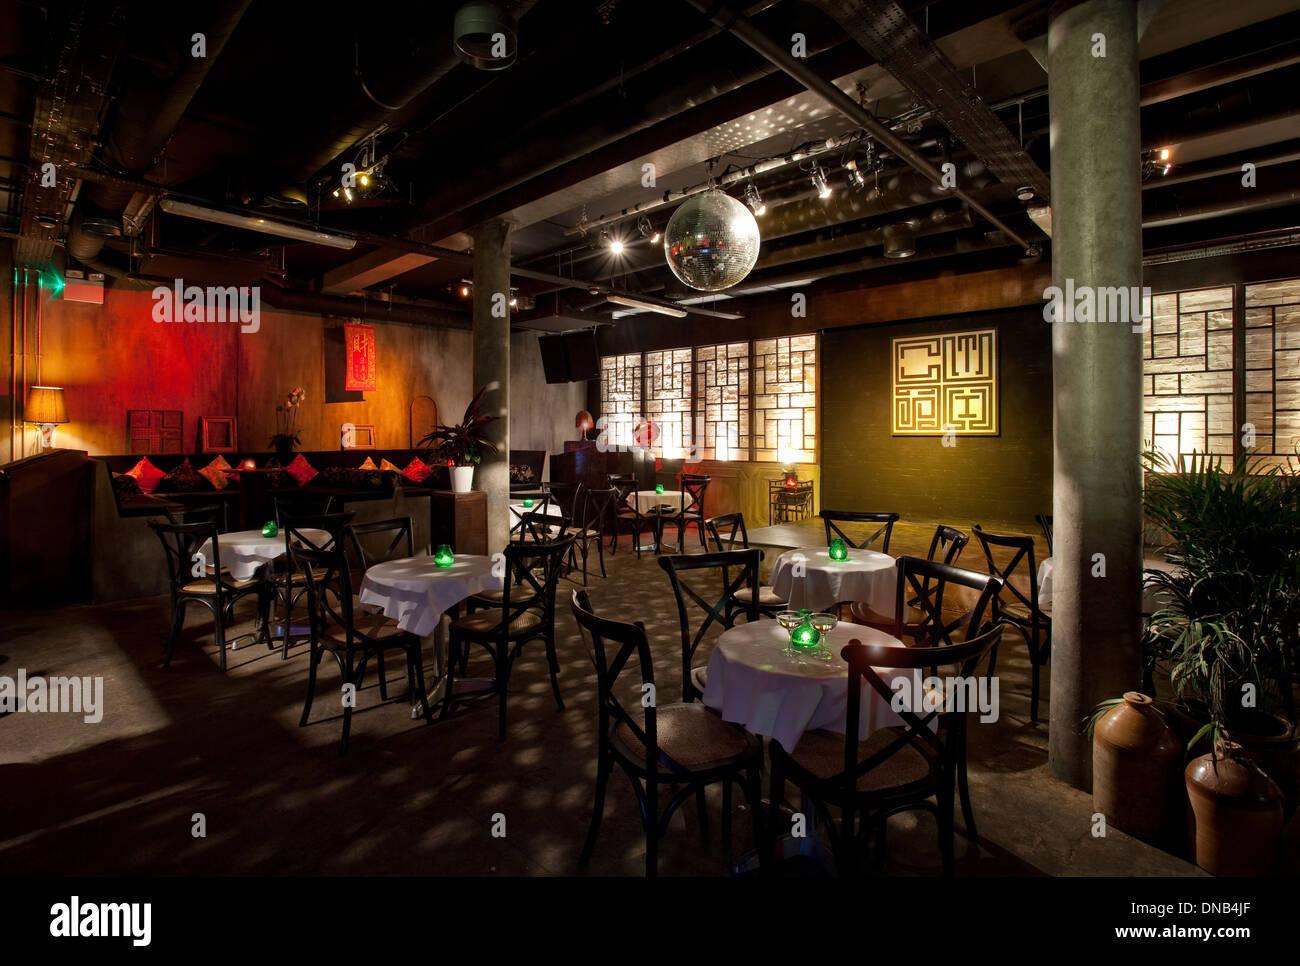 Nightclub Stock Photos & Nightclub Stock Images - Alamy